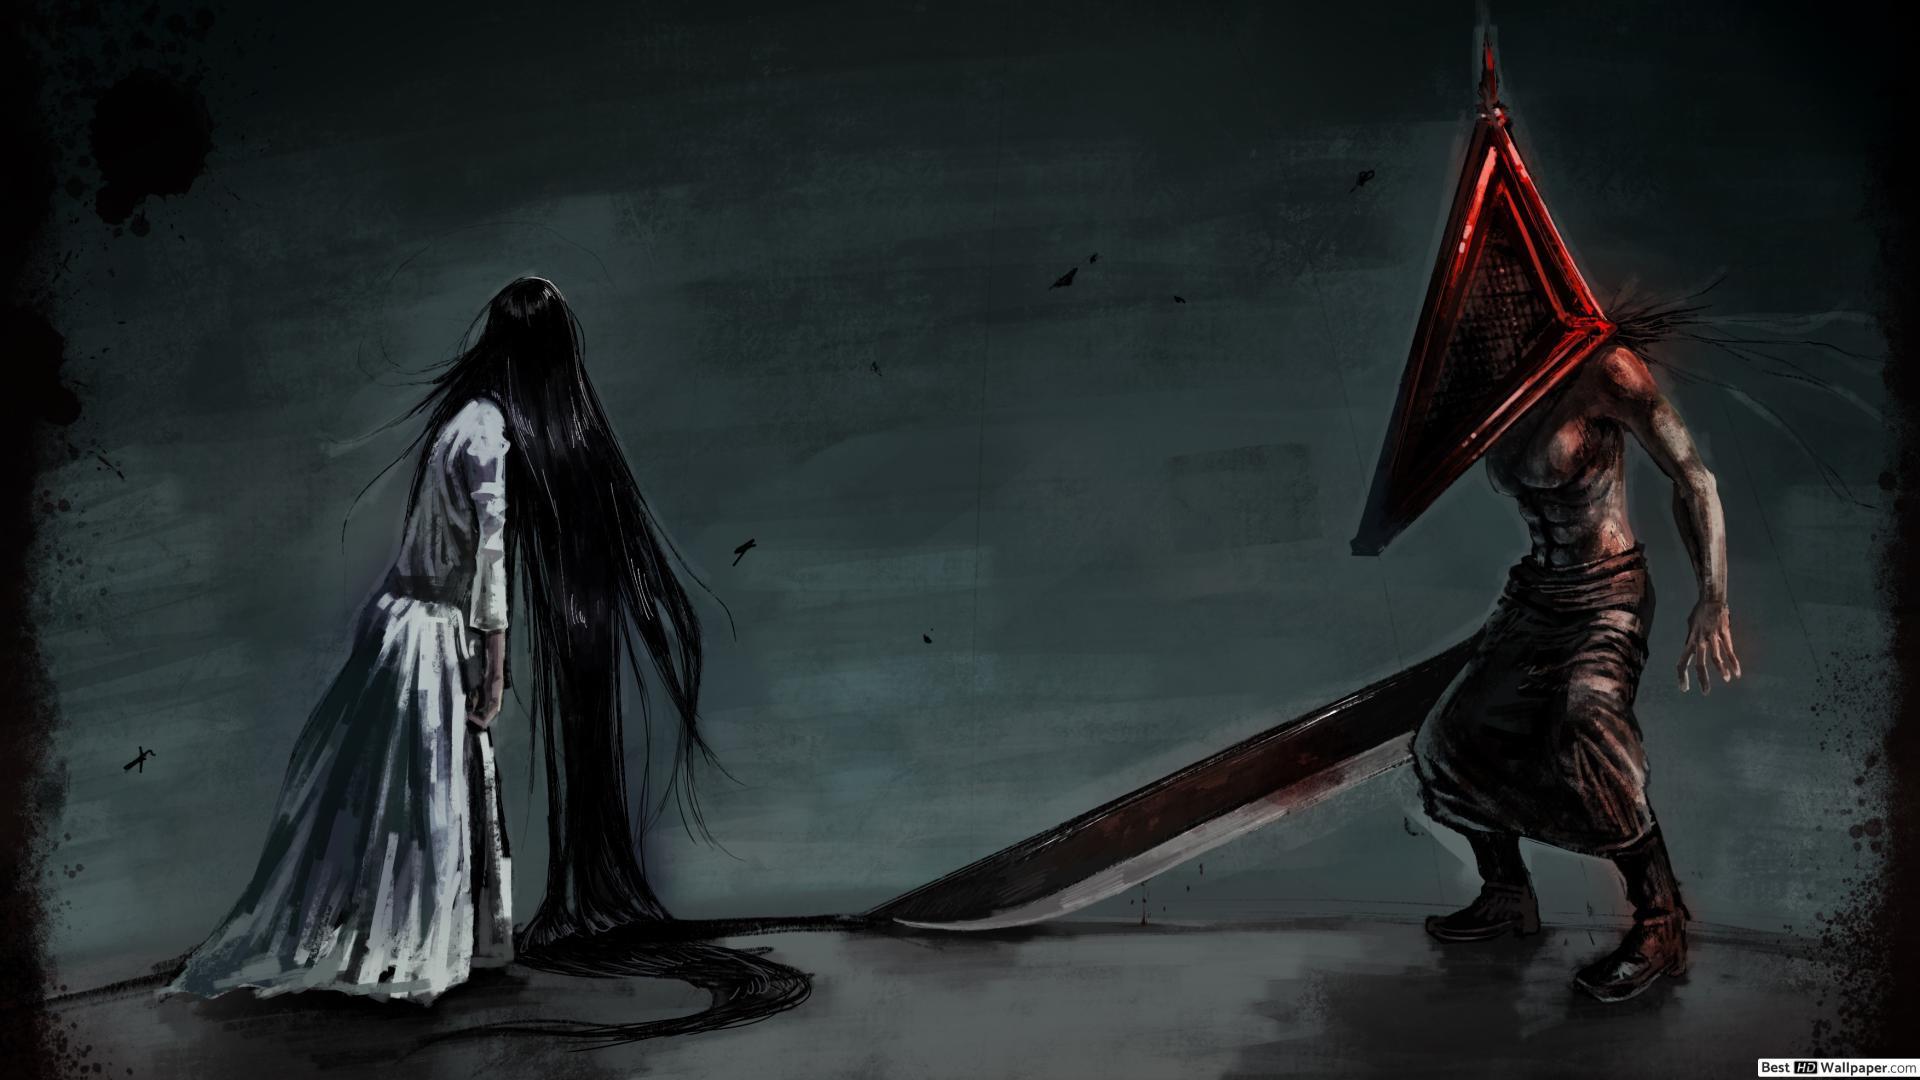 Free Download Silent Hill Sadako Pyramid Head Hd Wallpaper